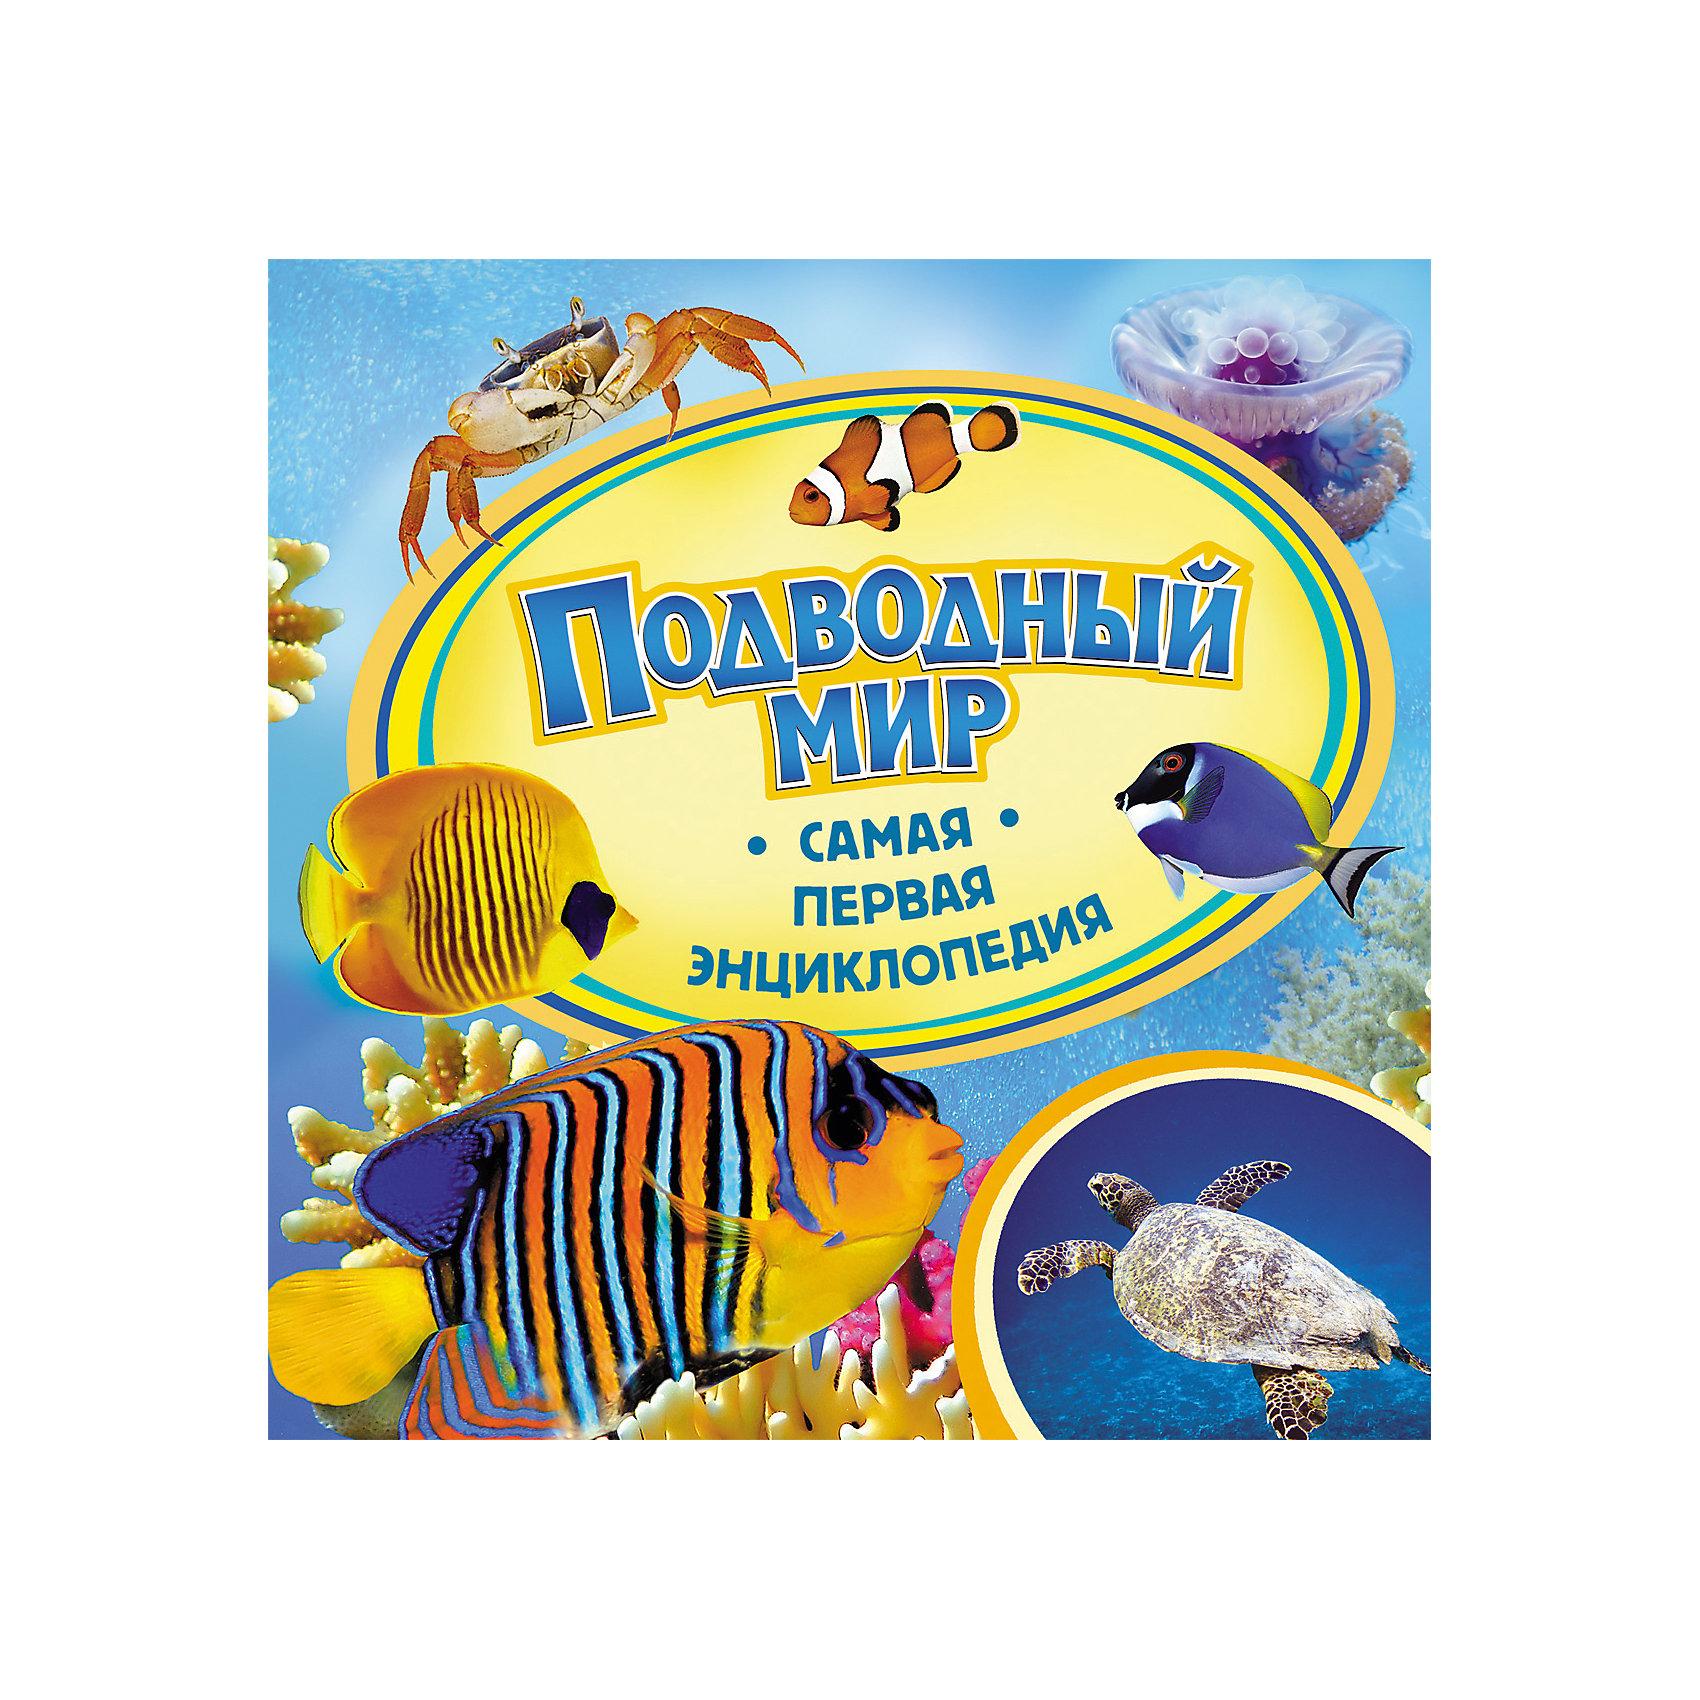 Самая первая энциклопедия Подводный мирДетские энциклопедии<br>Характеристики:<br>• количество страниц: 36;<br>• иллюстрации: цветные;<br>• переплёт: твёрдый;<br>• формат: 22х22х0,6 см;<br>• вес: 178 грамм;<br>• ISBN: 9785353059646.<br><br>Энциклопедия «Подводный мир» содержит много интересной информации и жителях и особенностях подводного мира. В ней малыш найдет ответы на все вопросы об окружающем мире, узнает познавательные факты и прочитает интересные рассказы.<br><br>Понятное изложение и красочные картинки сделают энциклопедию любимой книгой любознательного малыша.<br><br>Самую первую энциклопедию Подводный мир, Rosman (Росмэн) можно купить в нашем интернет-магазине.<br><br>Ширина мм: 225<br>Глубина мм: 225<br>Высота мм: 70<br>Вес г: 295<br>Возраст от месяцев: 36<br>Возраст до месяцев: 2147483647<br>Пол: Унисекс<br>Возраст: Детский<br>SKU: 5453593